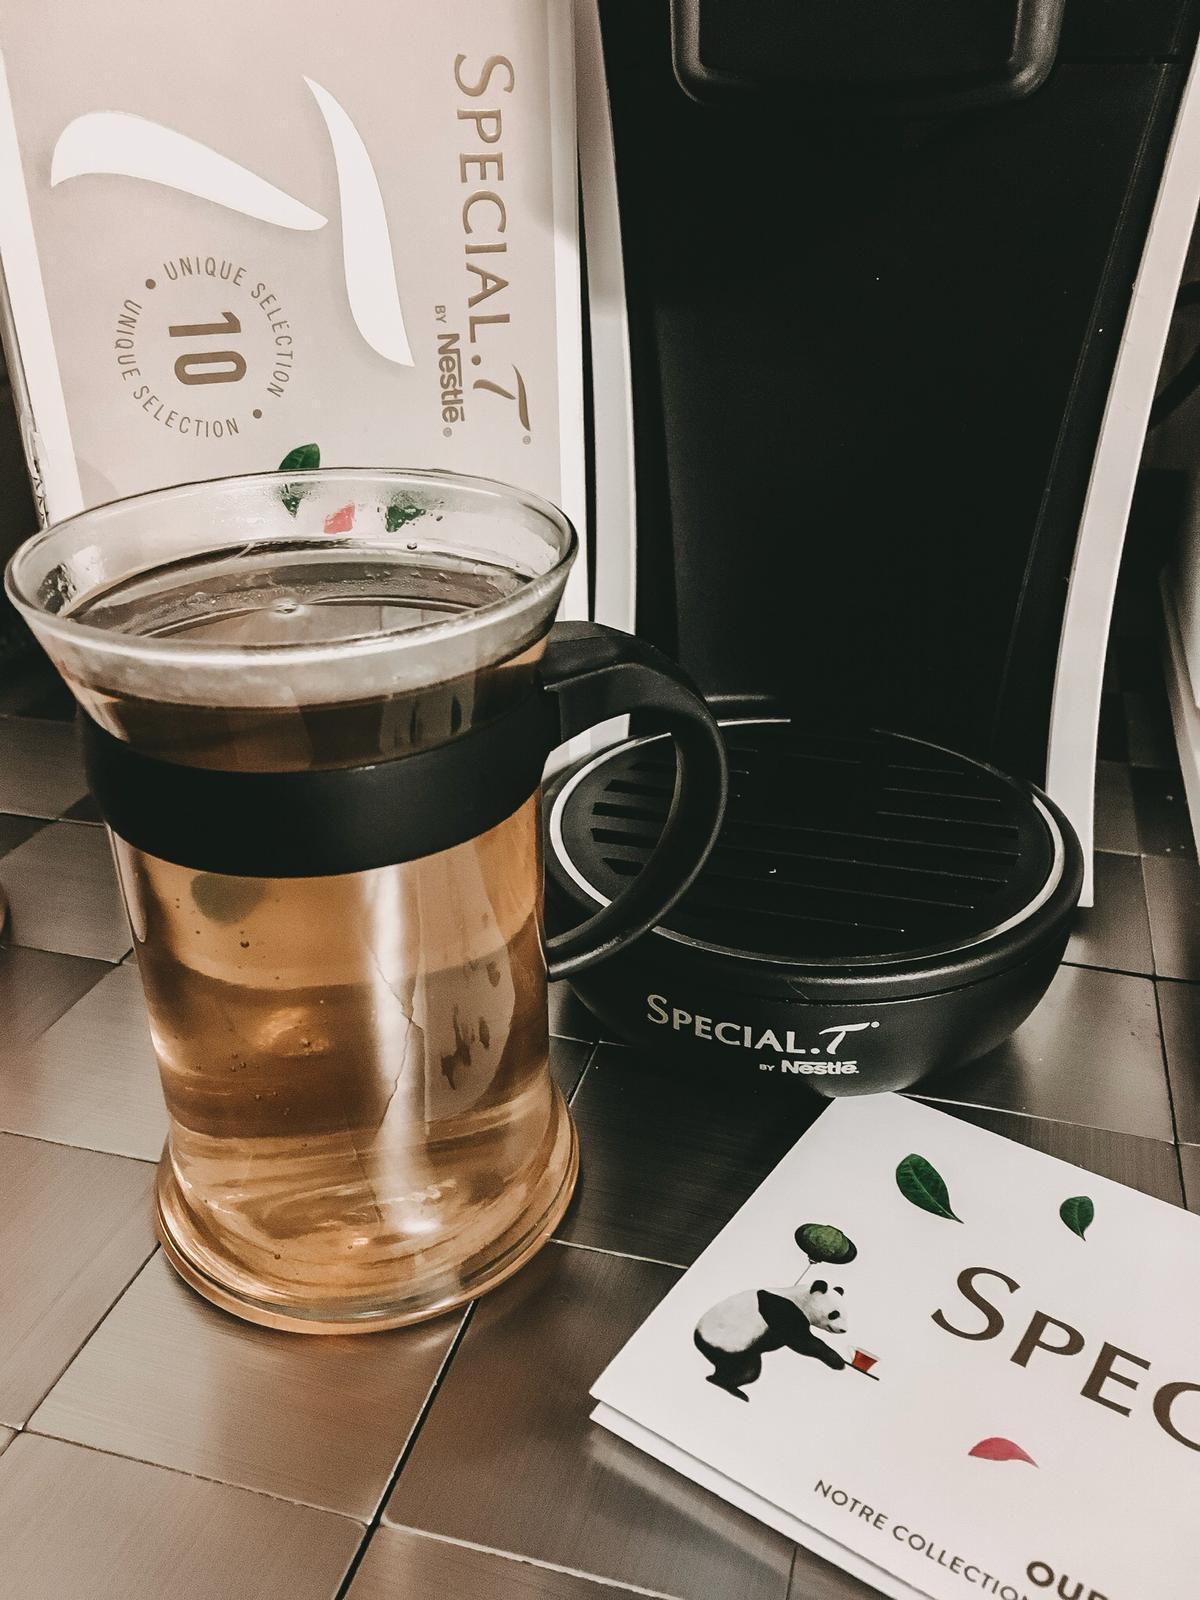 Der hcohwertige Tee von Special T.